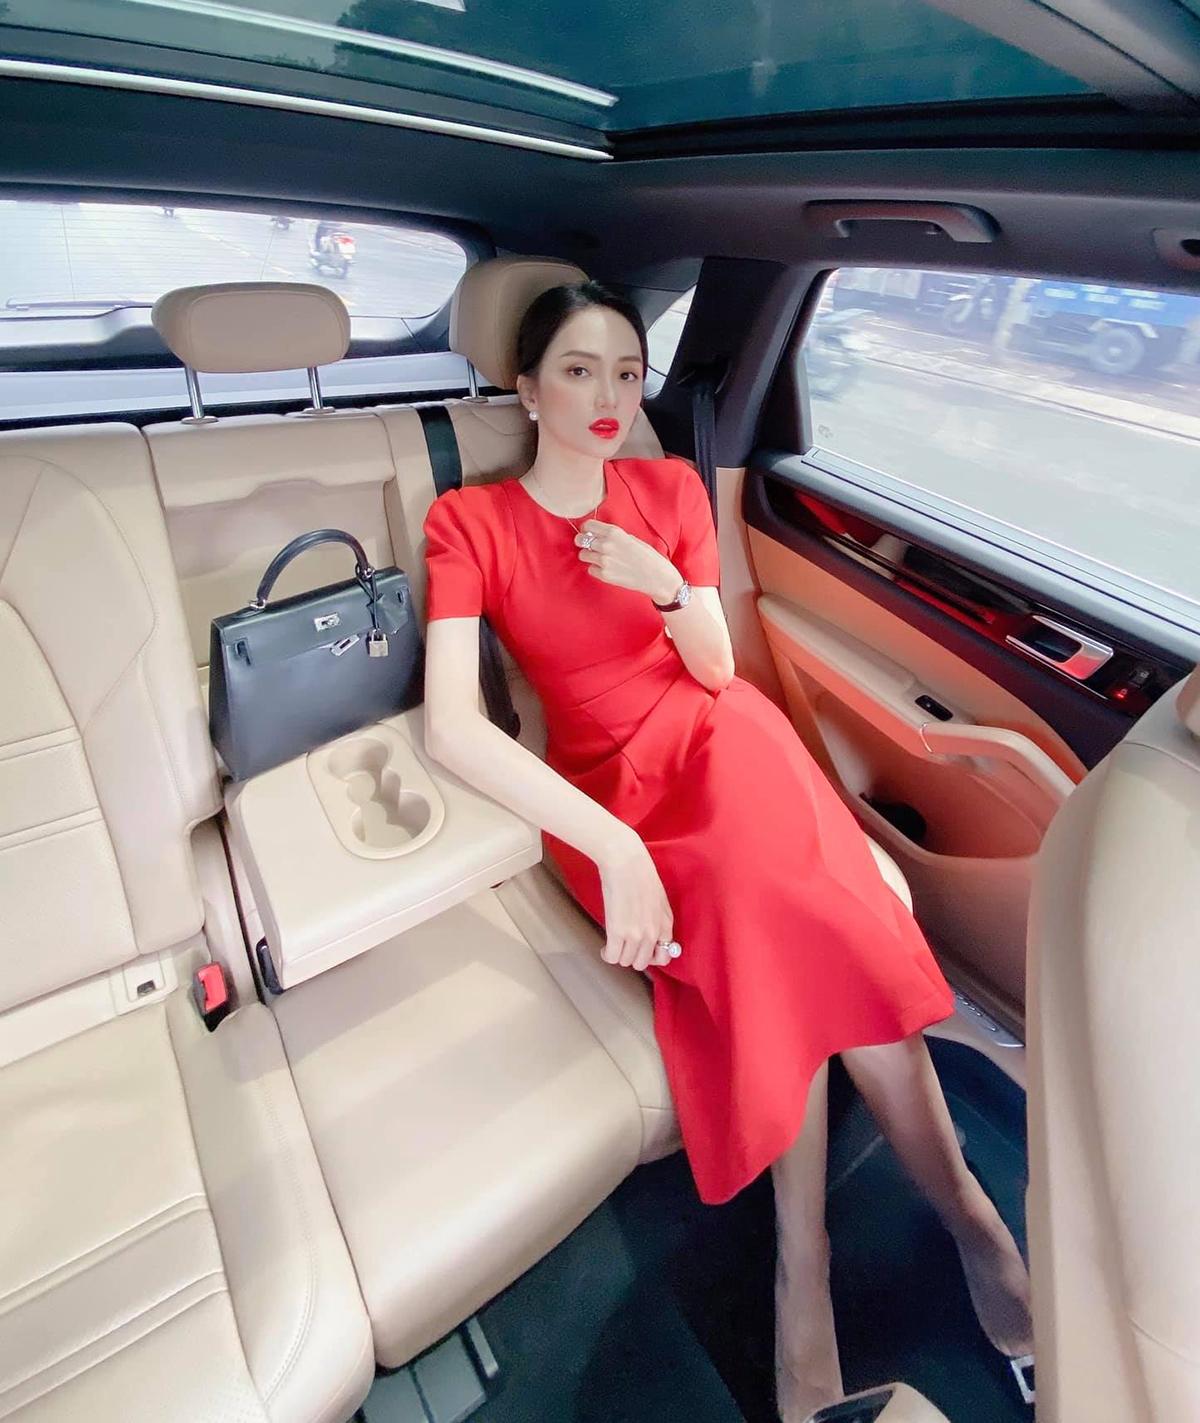 Mỗi ngày đi làm, nữ CEO cũng thay đổi phong cách liên tục. Cô chứng minh đẳng cấp bằng những set đồ trông đơn giản nhưng có giá lên tới cả tỷ đồng.